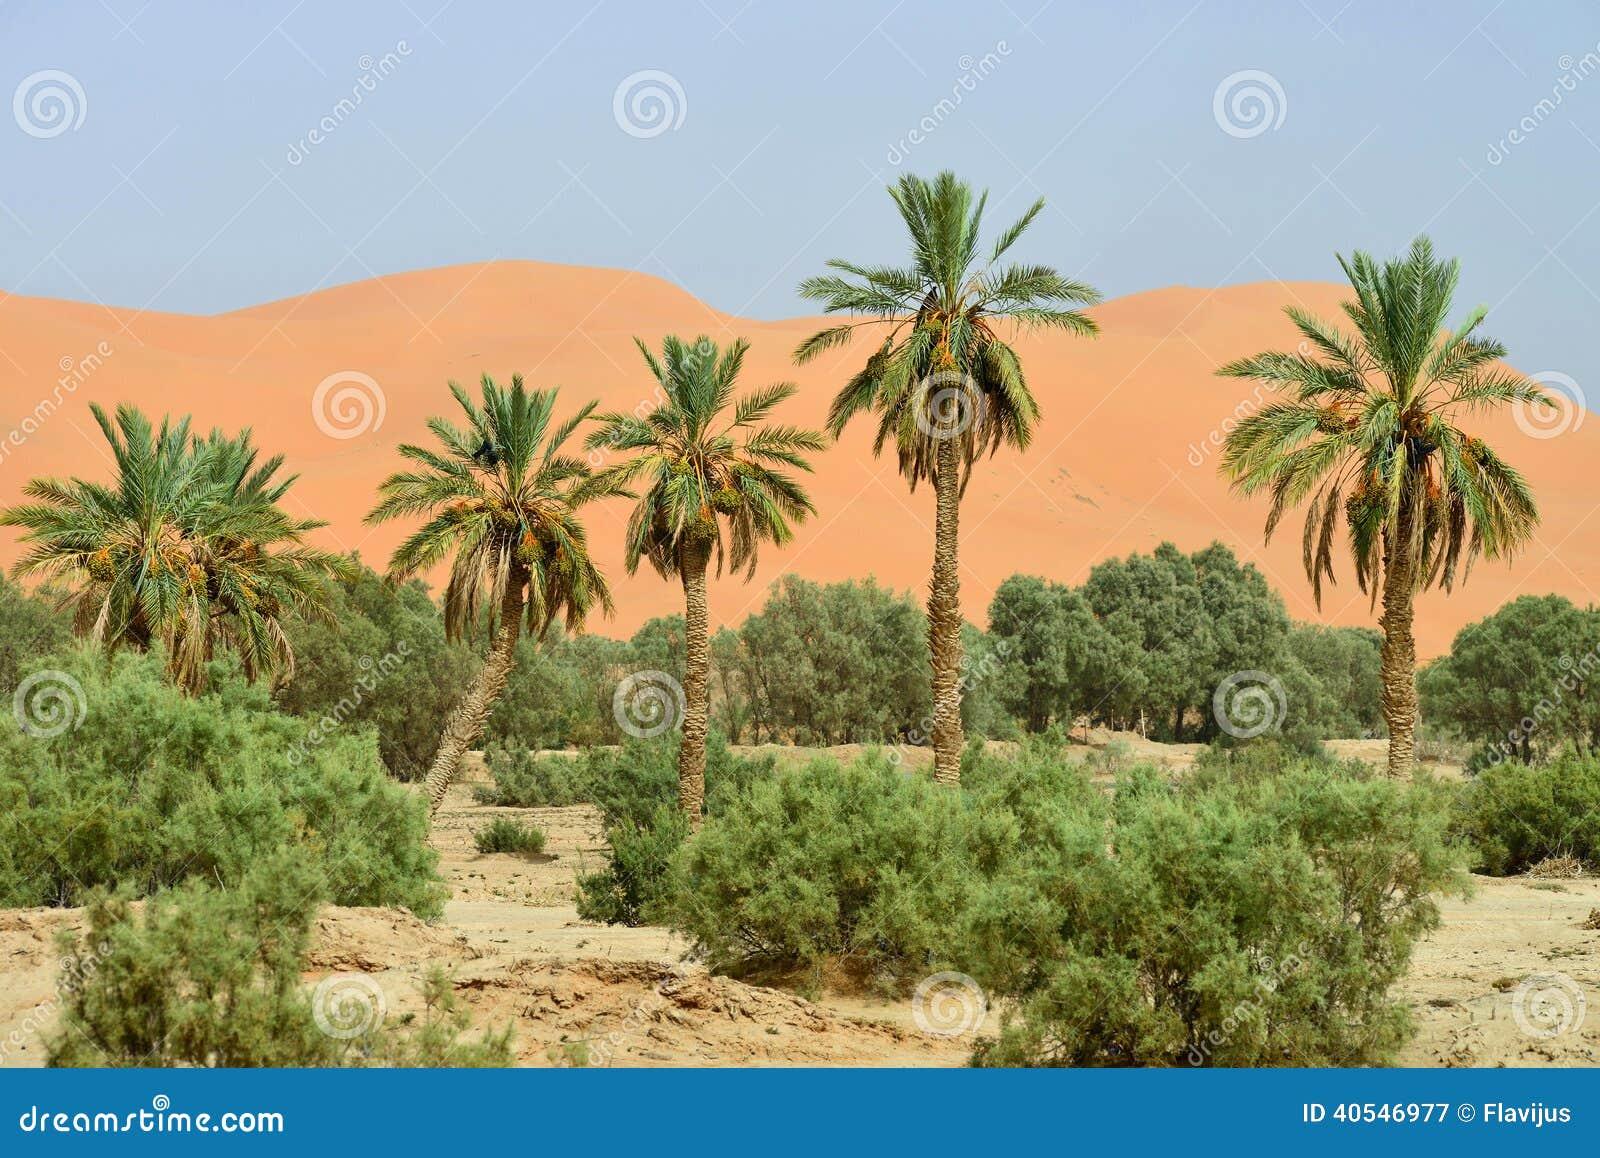 Sahara - Wikipedia